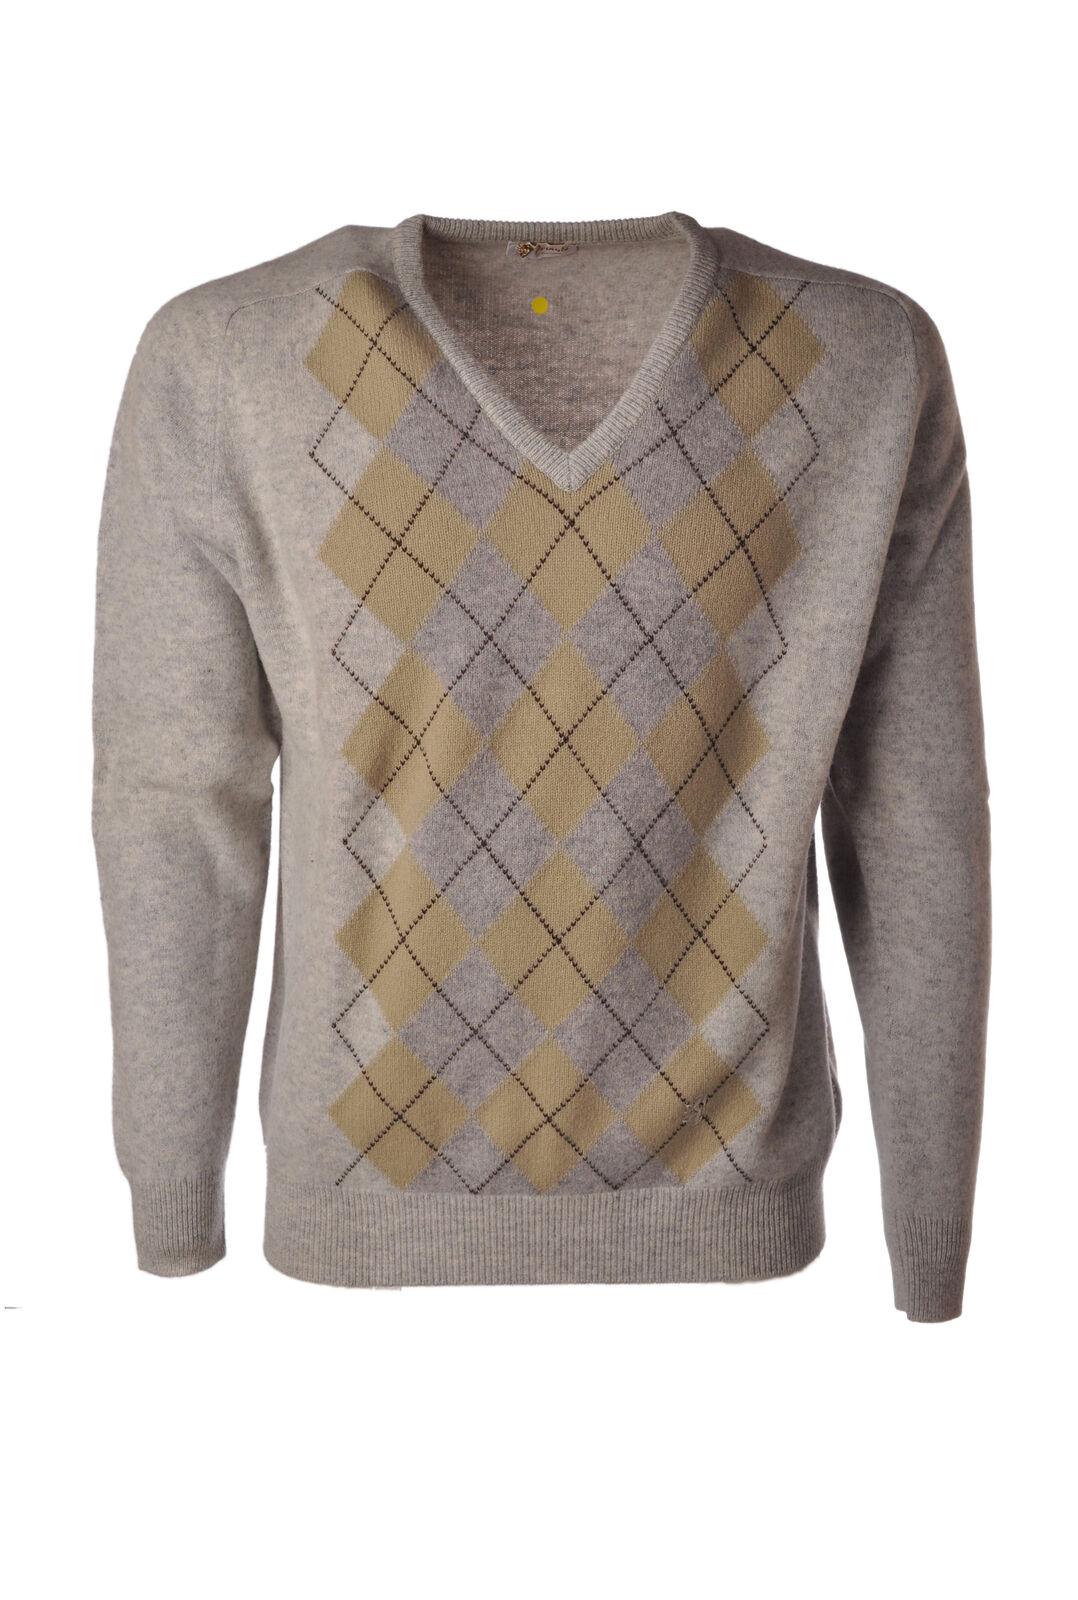 Pringle - Knitwear-Sweaters - Man - Fantasy - 4660206G184019